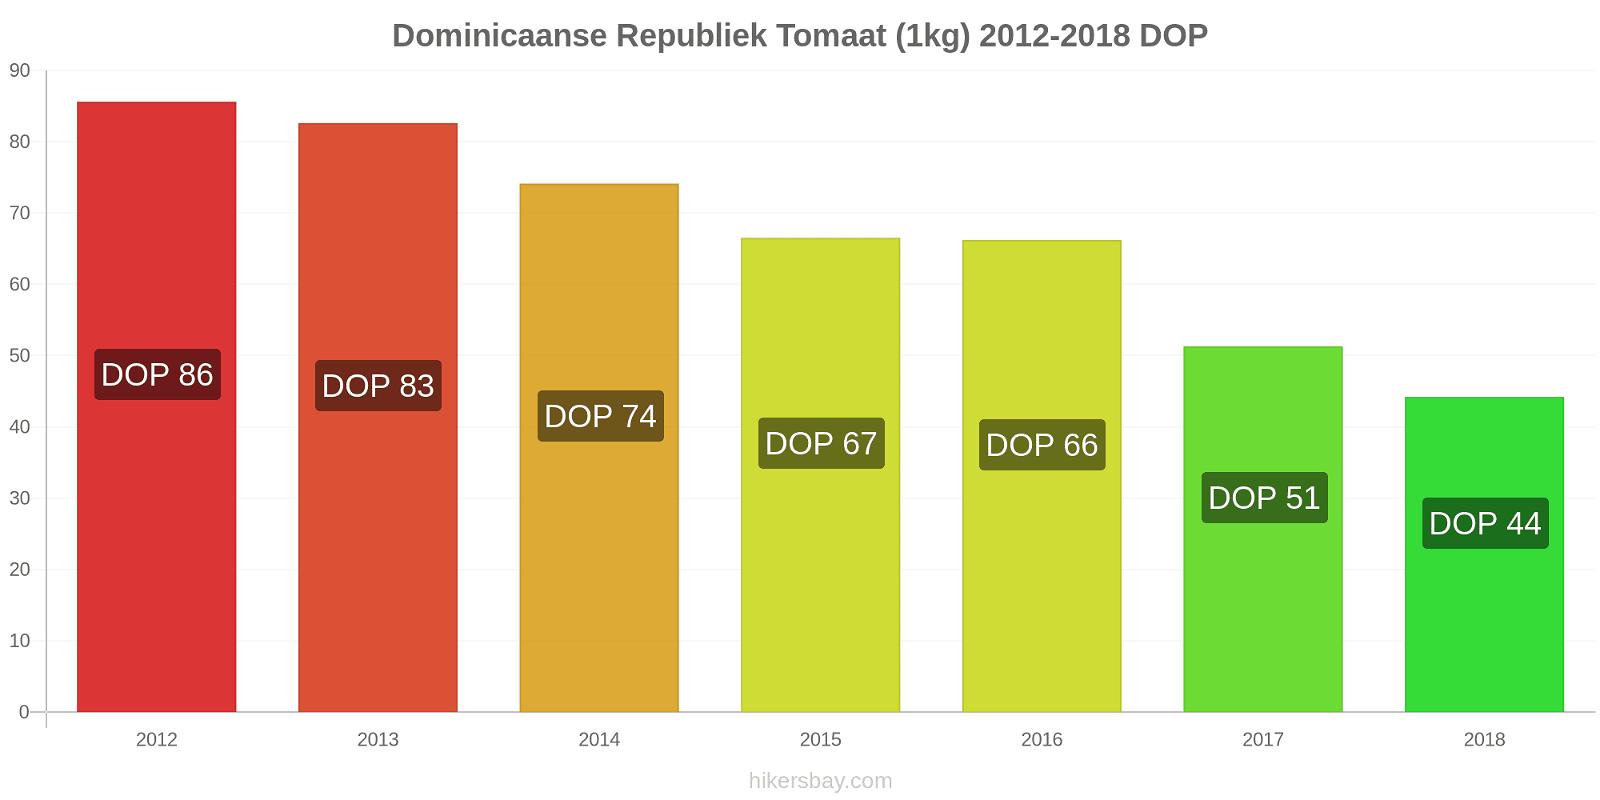 Dominicaanse Republiek prijswijzigingen Tomaat (1kg) hikersbay.com